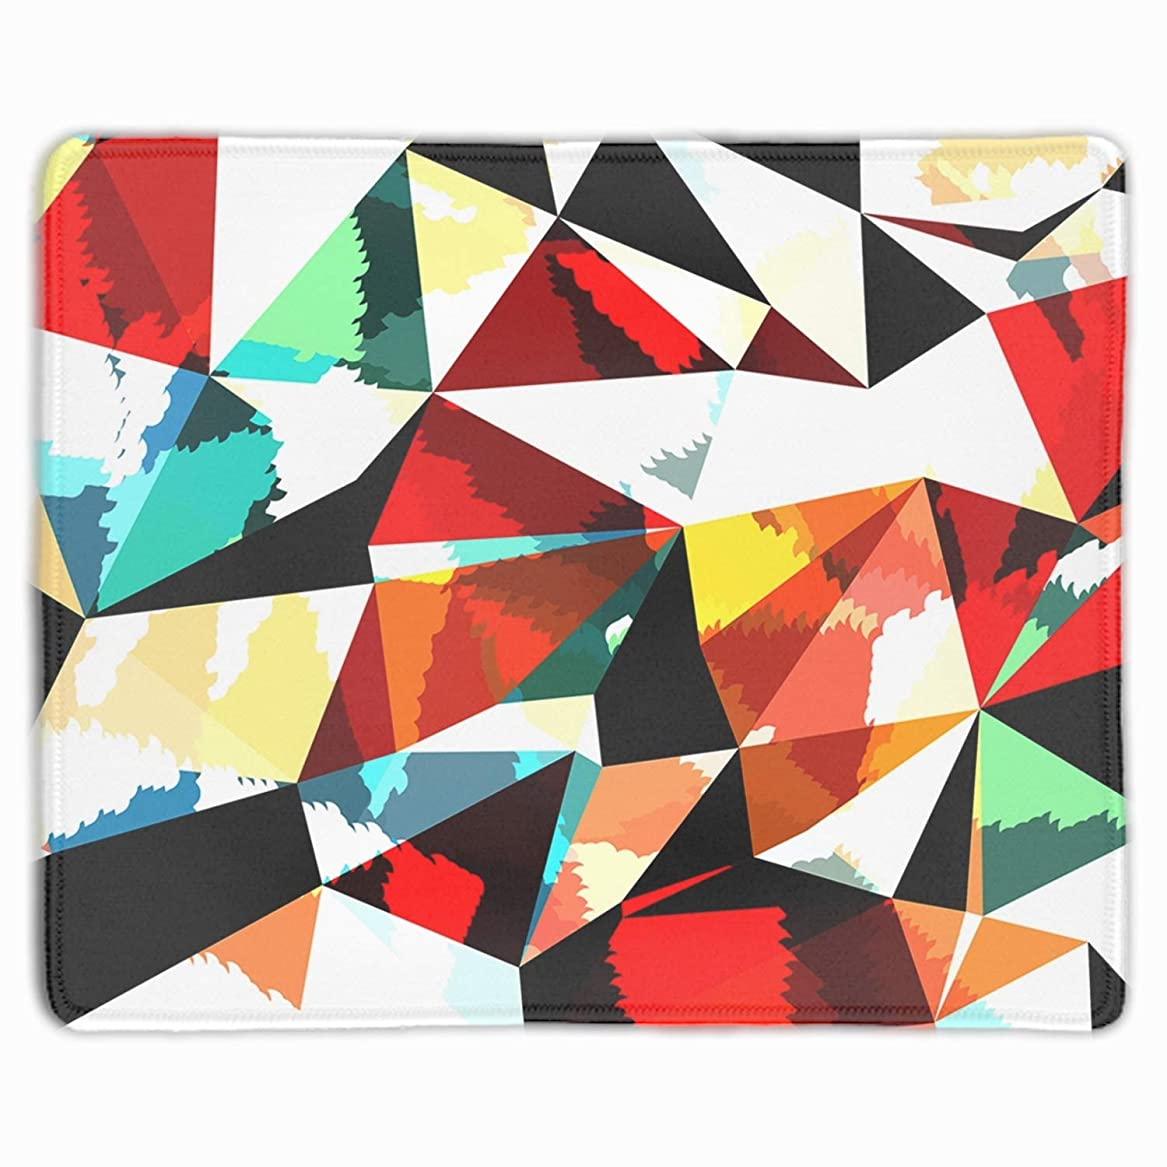 精巧なハーネス近傍ゲーミング向け 大型マウスパッド デスクマット 防水材質 水で洗えるマウスパッド 幾何学模様